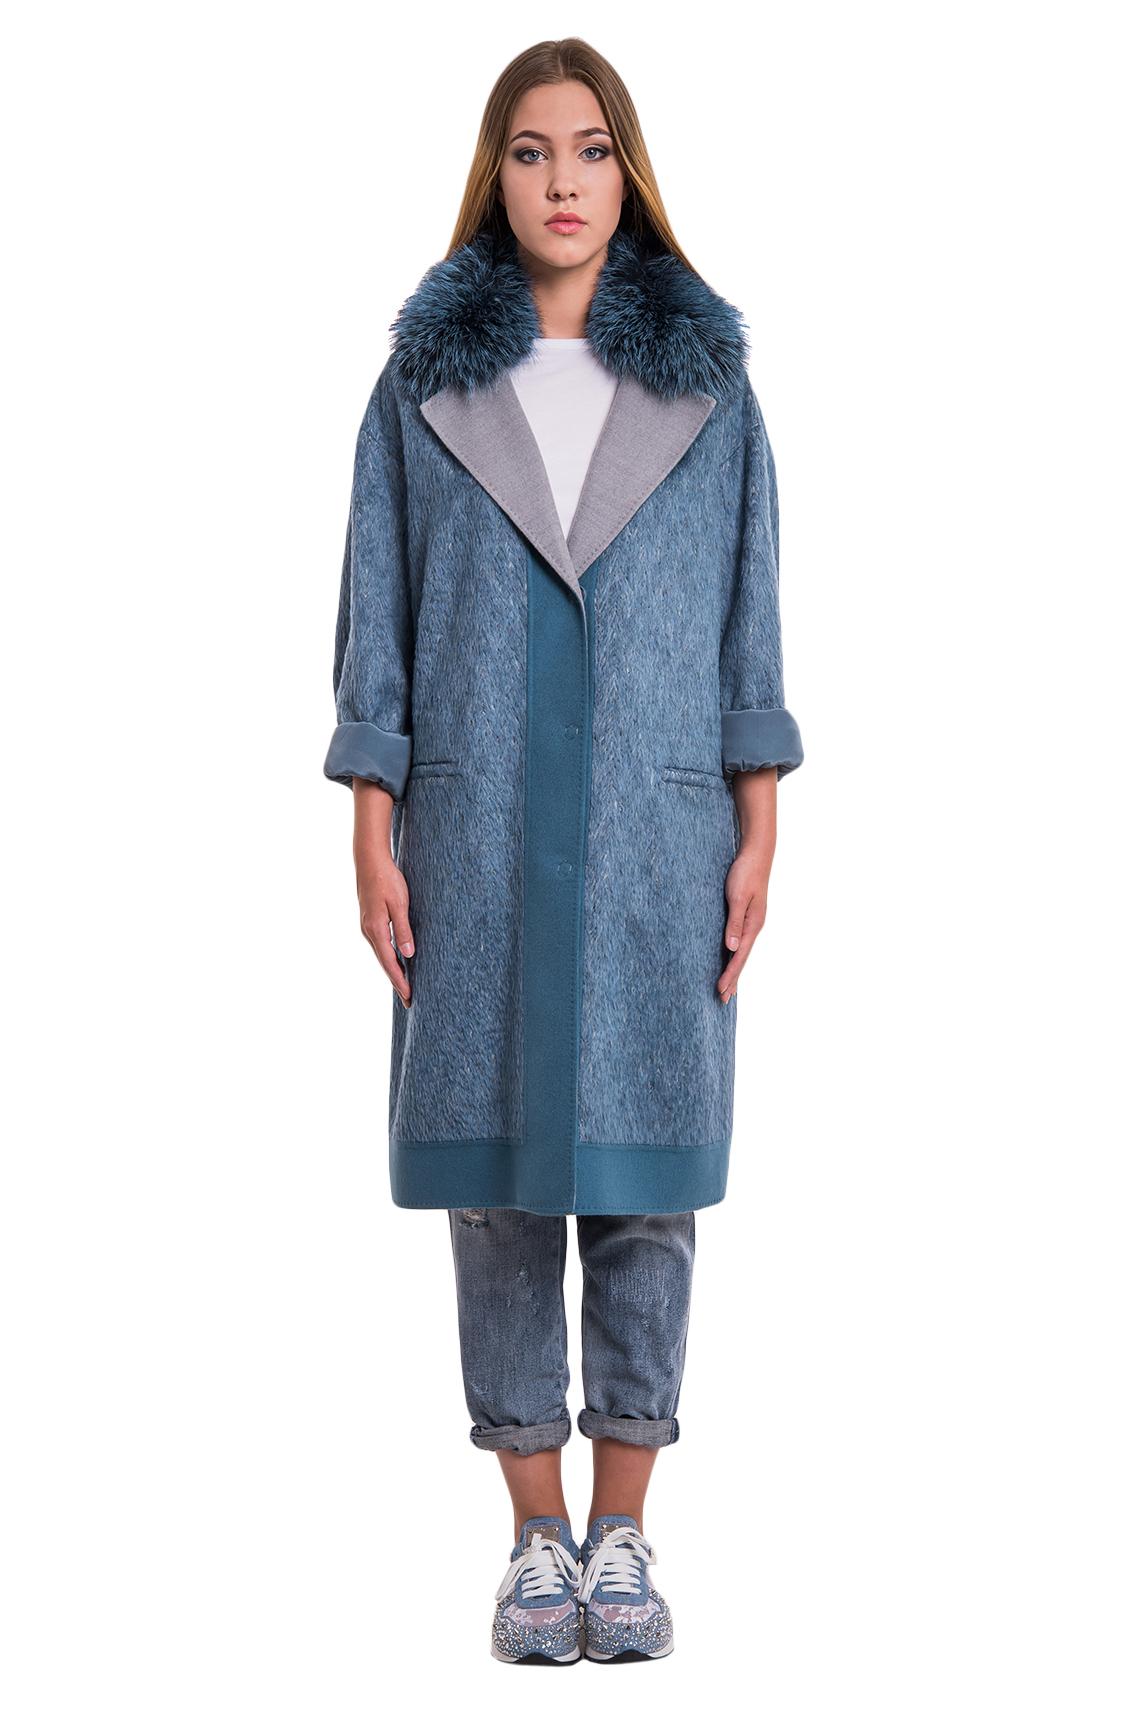 Пальто Manzoni24 кашемир/silver fox арт. 17M110. Фото 1